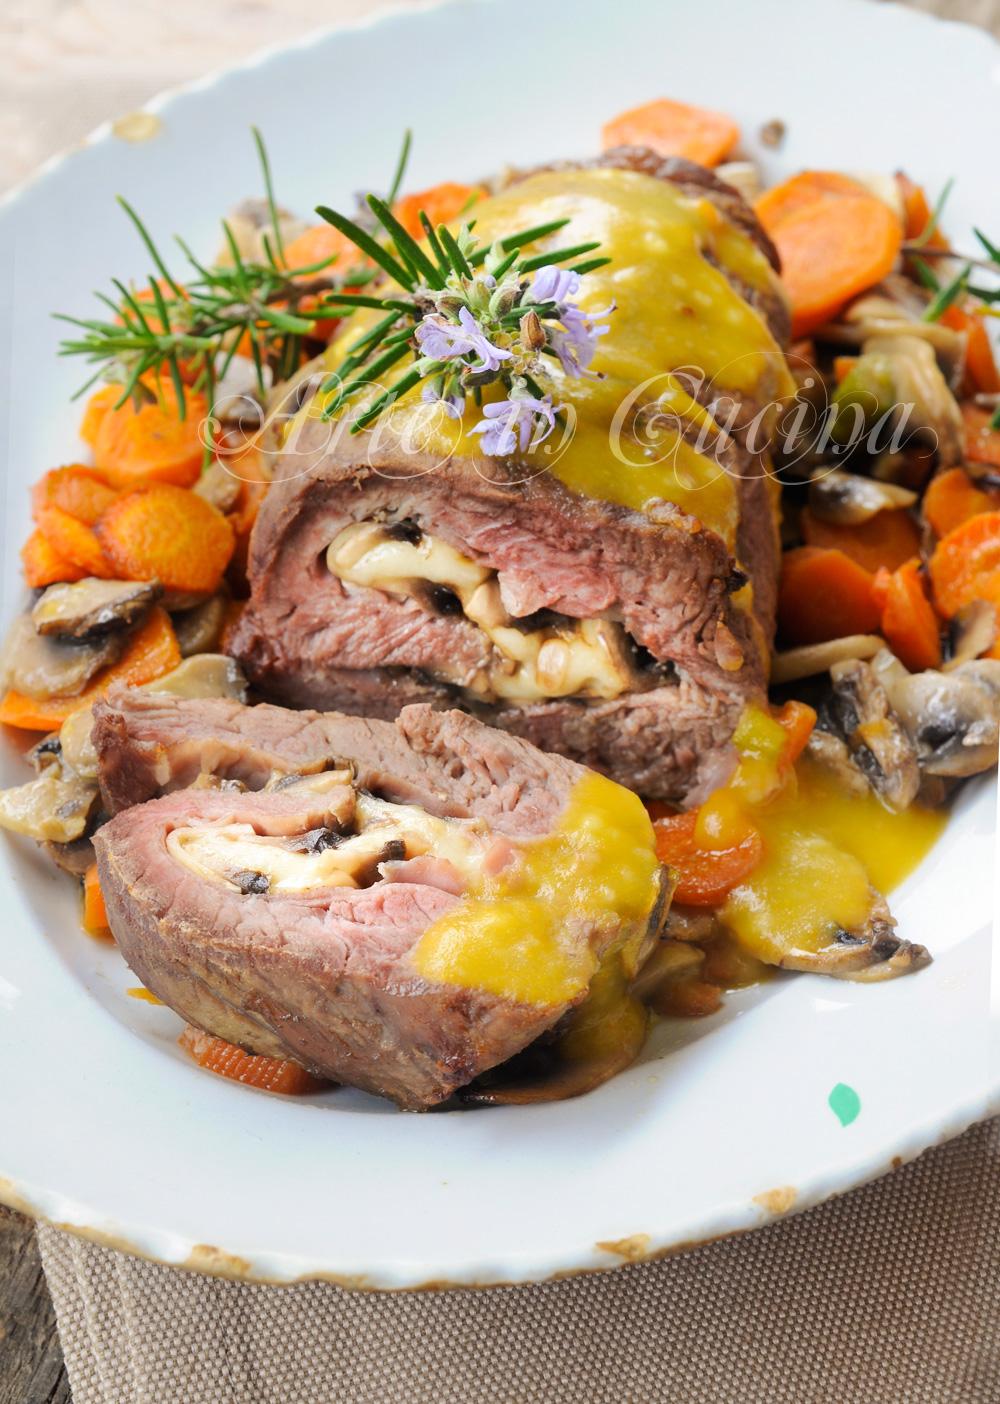 Rolle di vitello al forno farcito con funghi ricetta vickyart arte in cucina